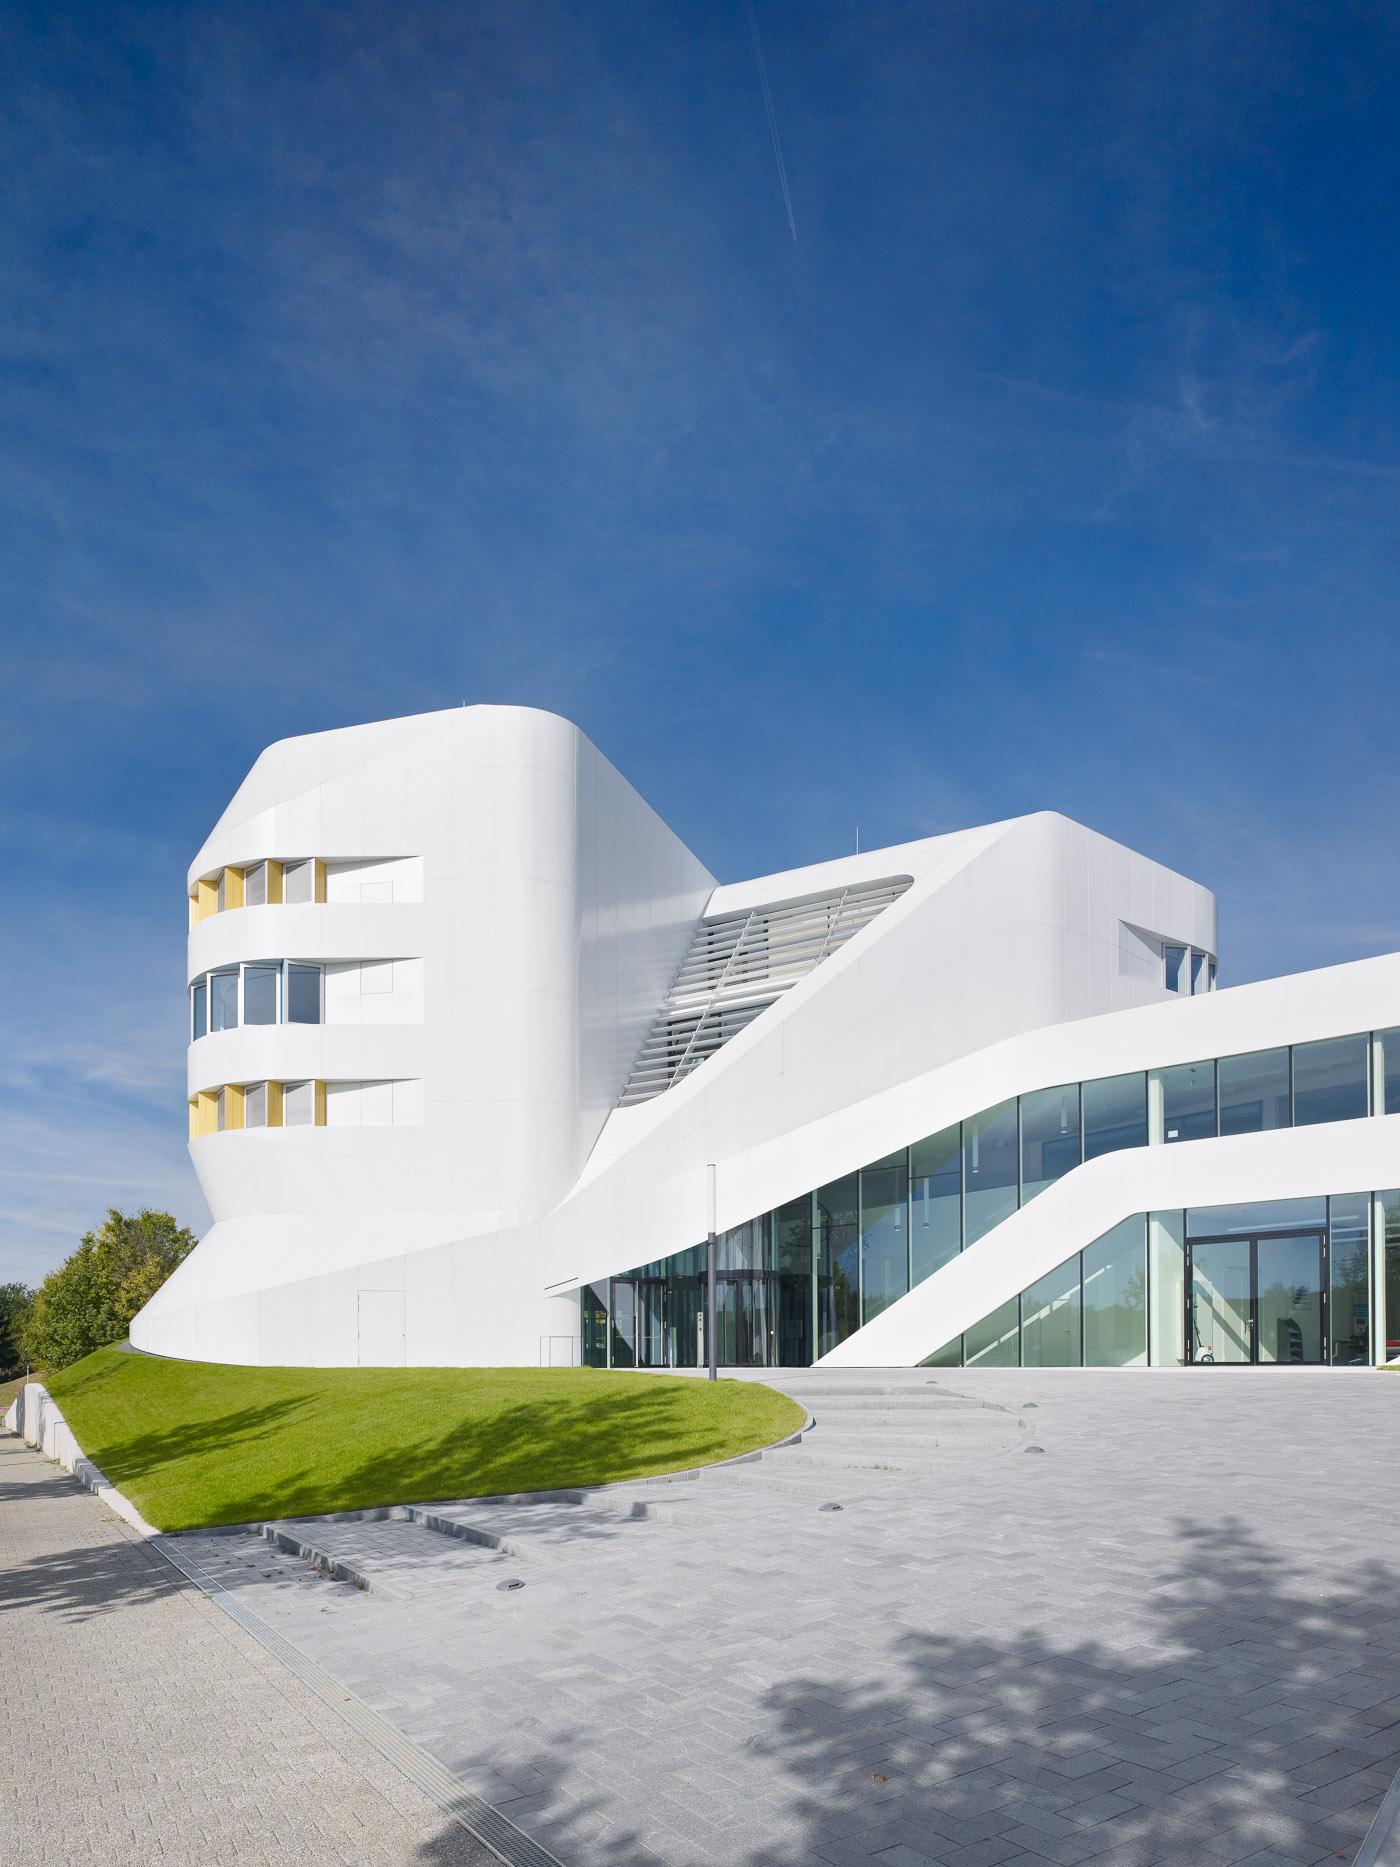 015-Fraunhofer-Institut-ZVE-Stuttgrt-003.jpg